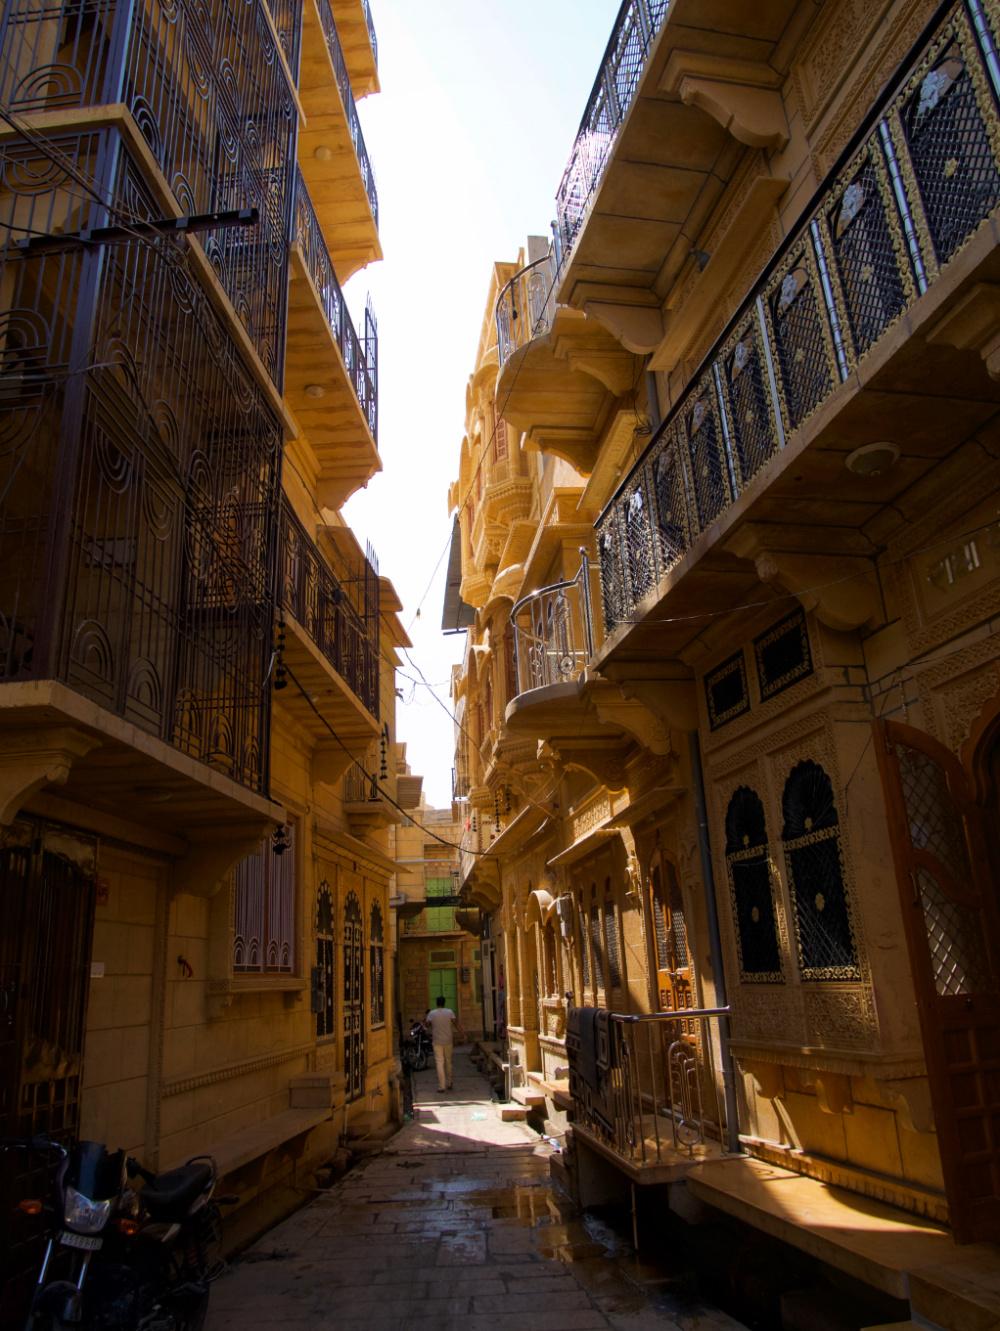 577-India-Jaisalmer